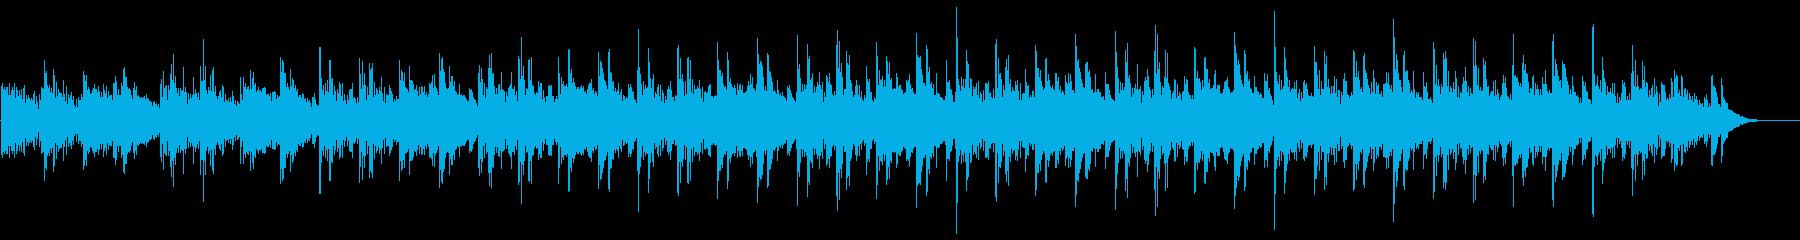 ヒーリング系の瞑想向けミニマル音楽の再生済みの波形